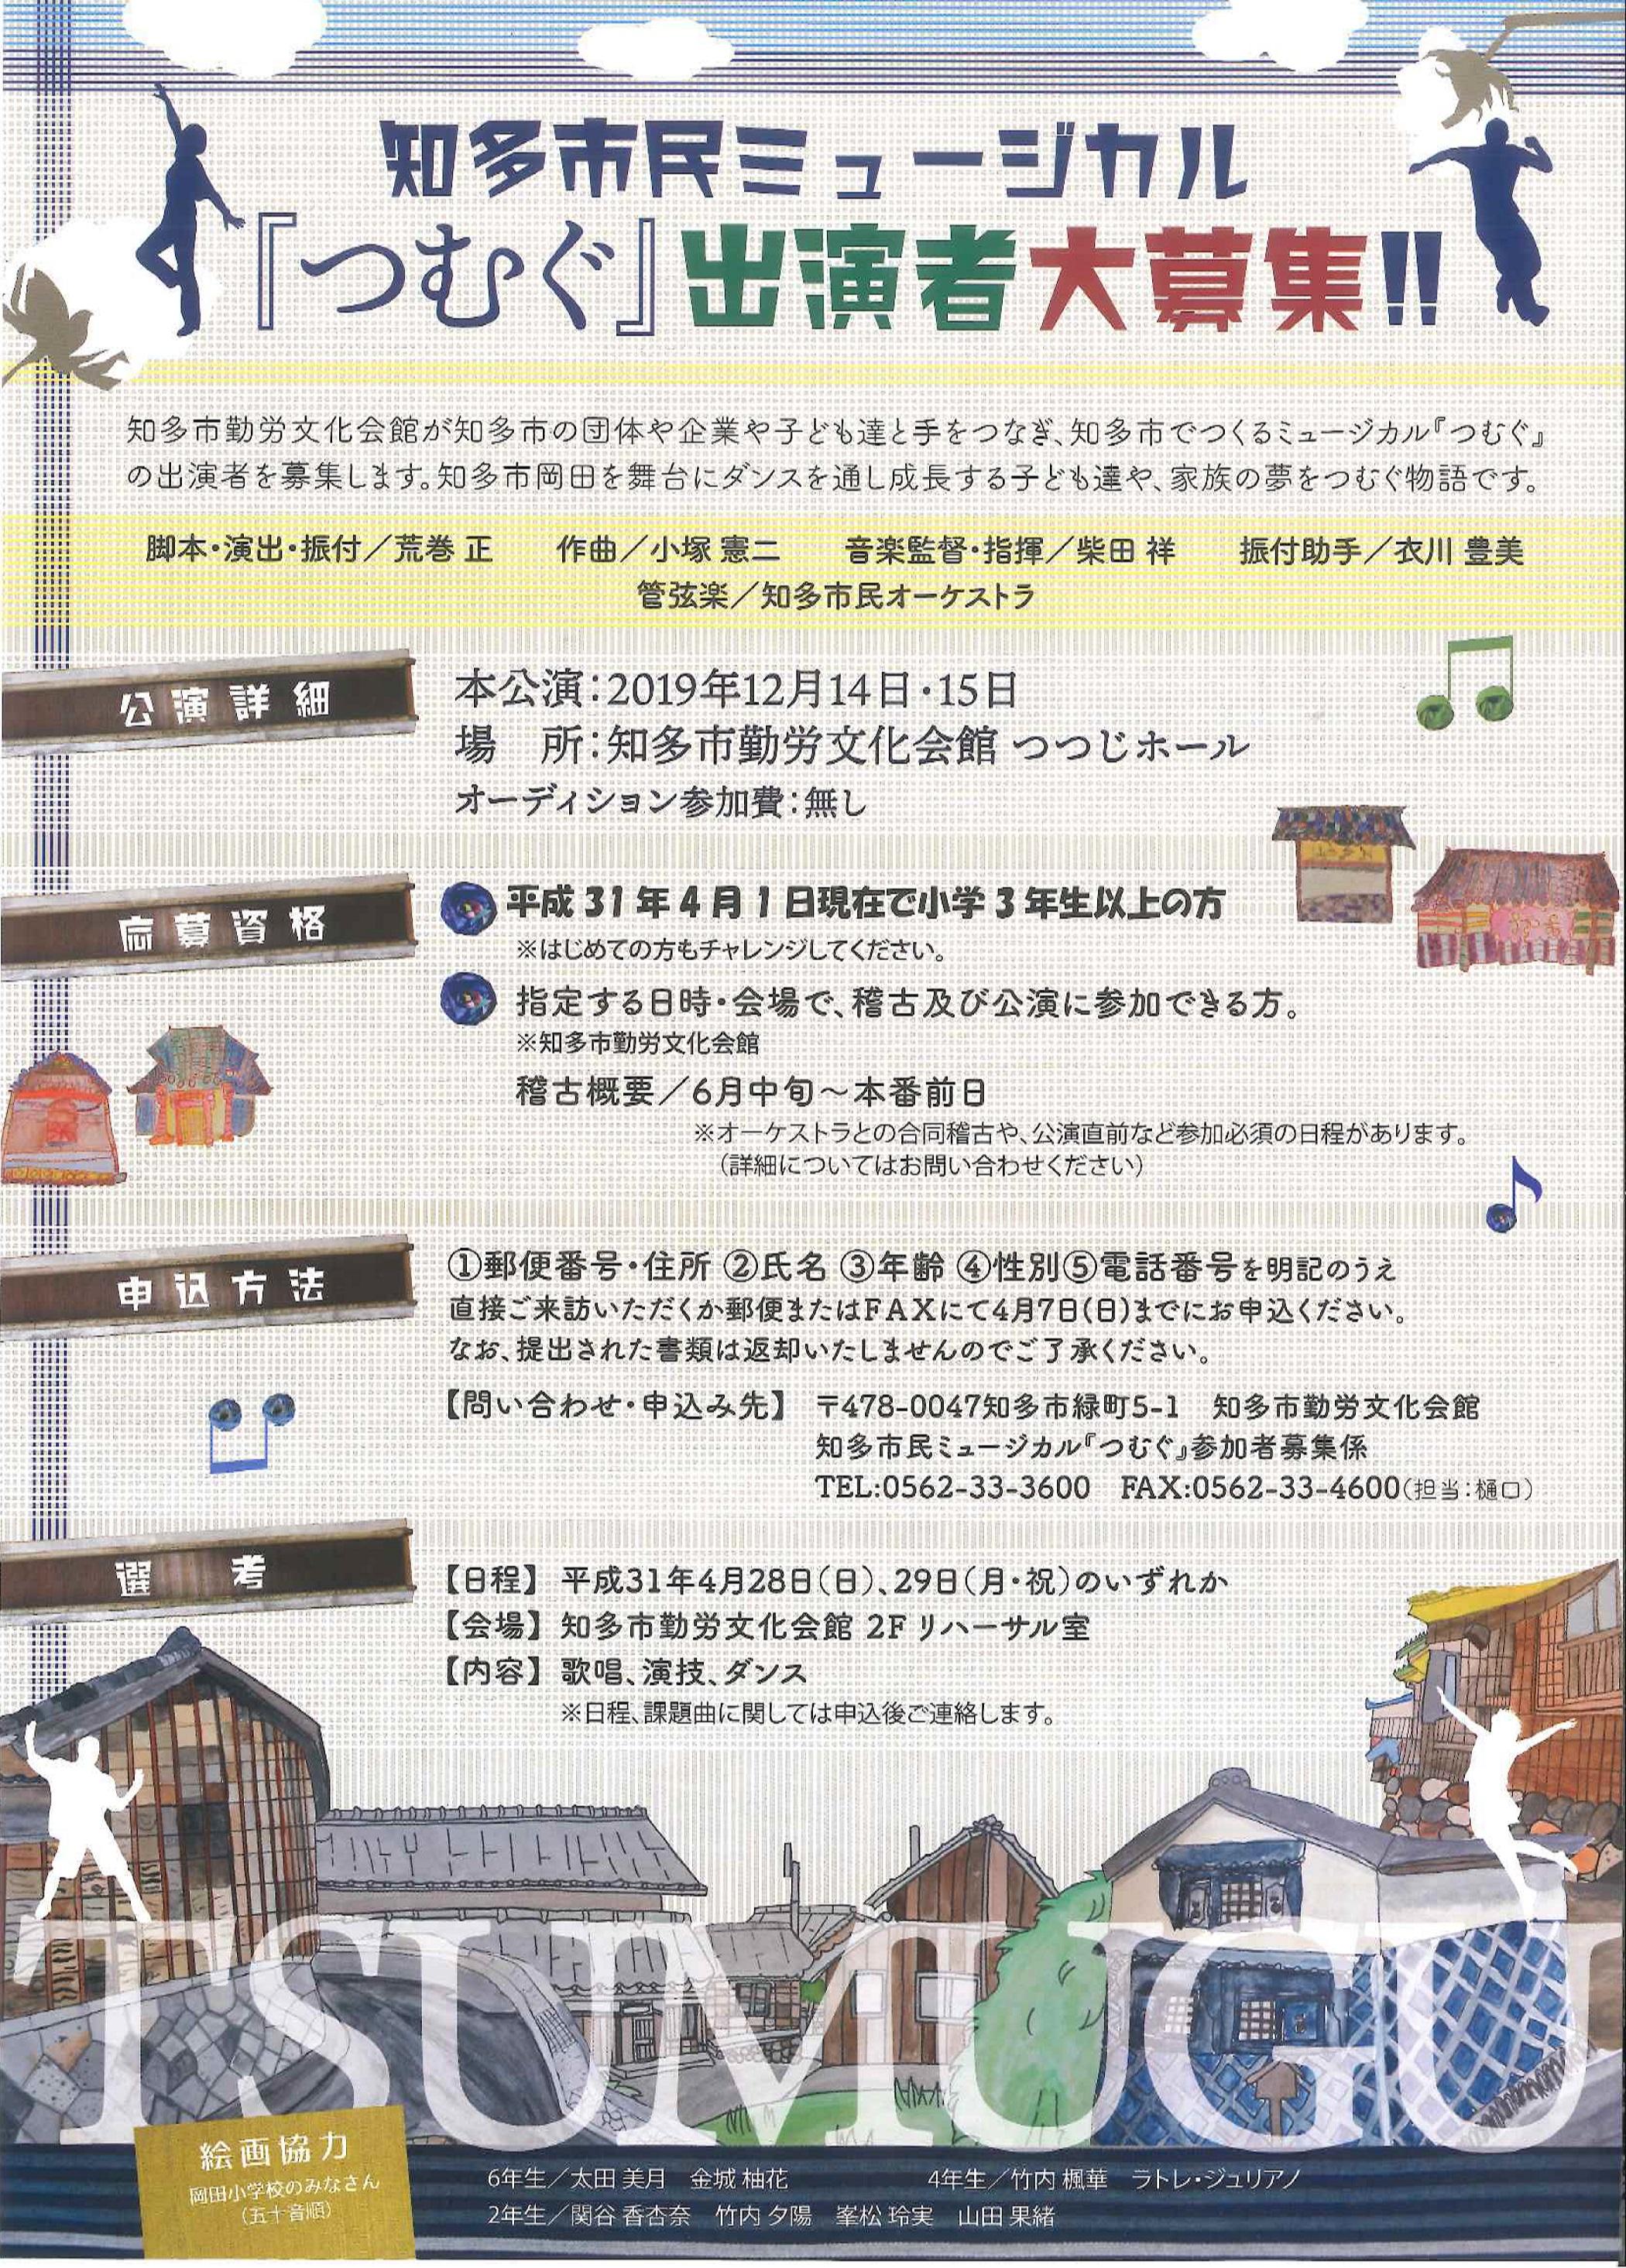 知多市民ミュージカル『つむぐ』出演者大募集!!のイメージ